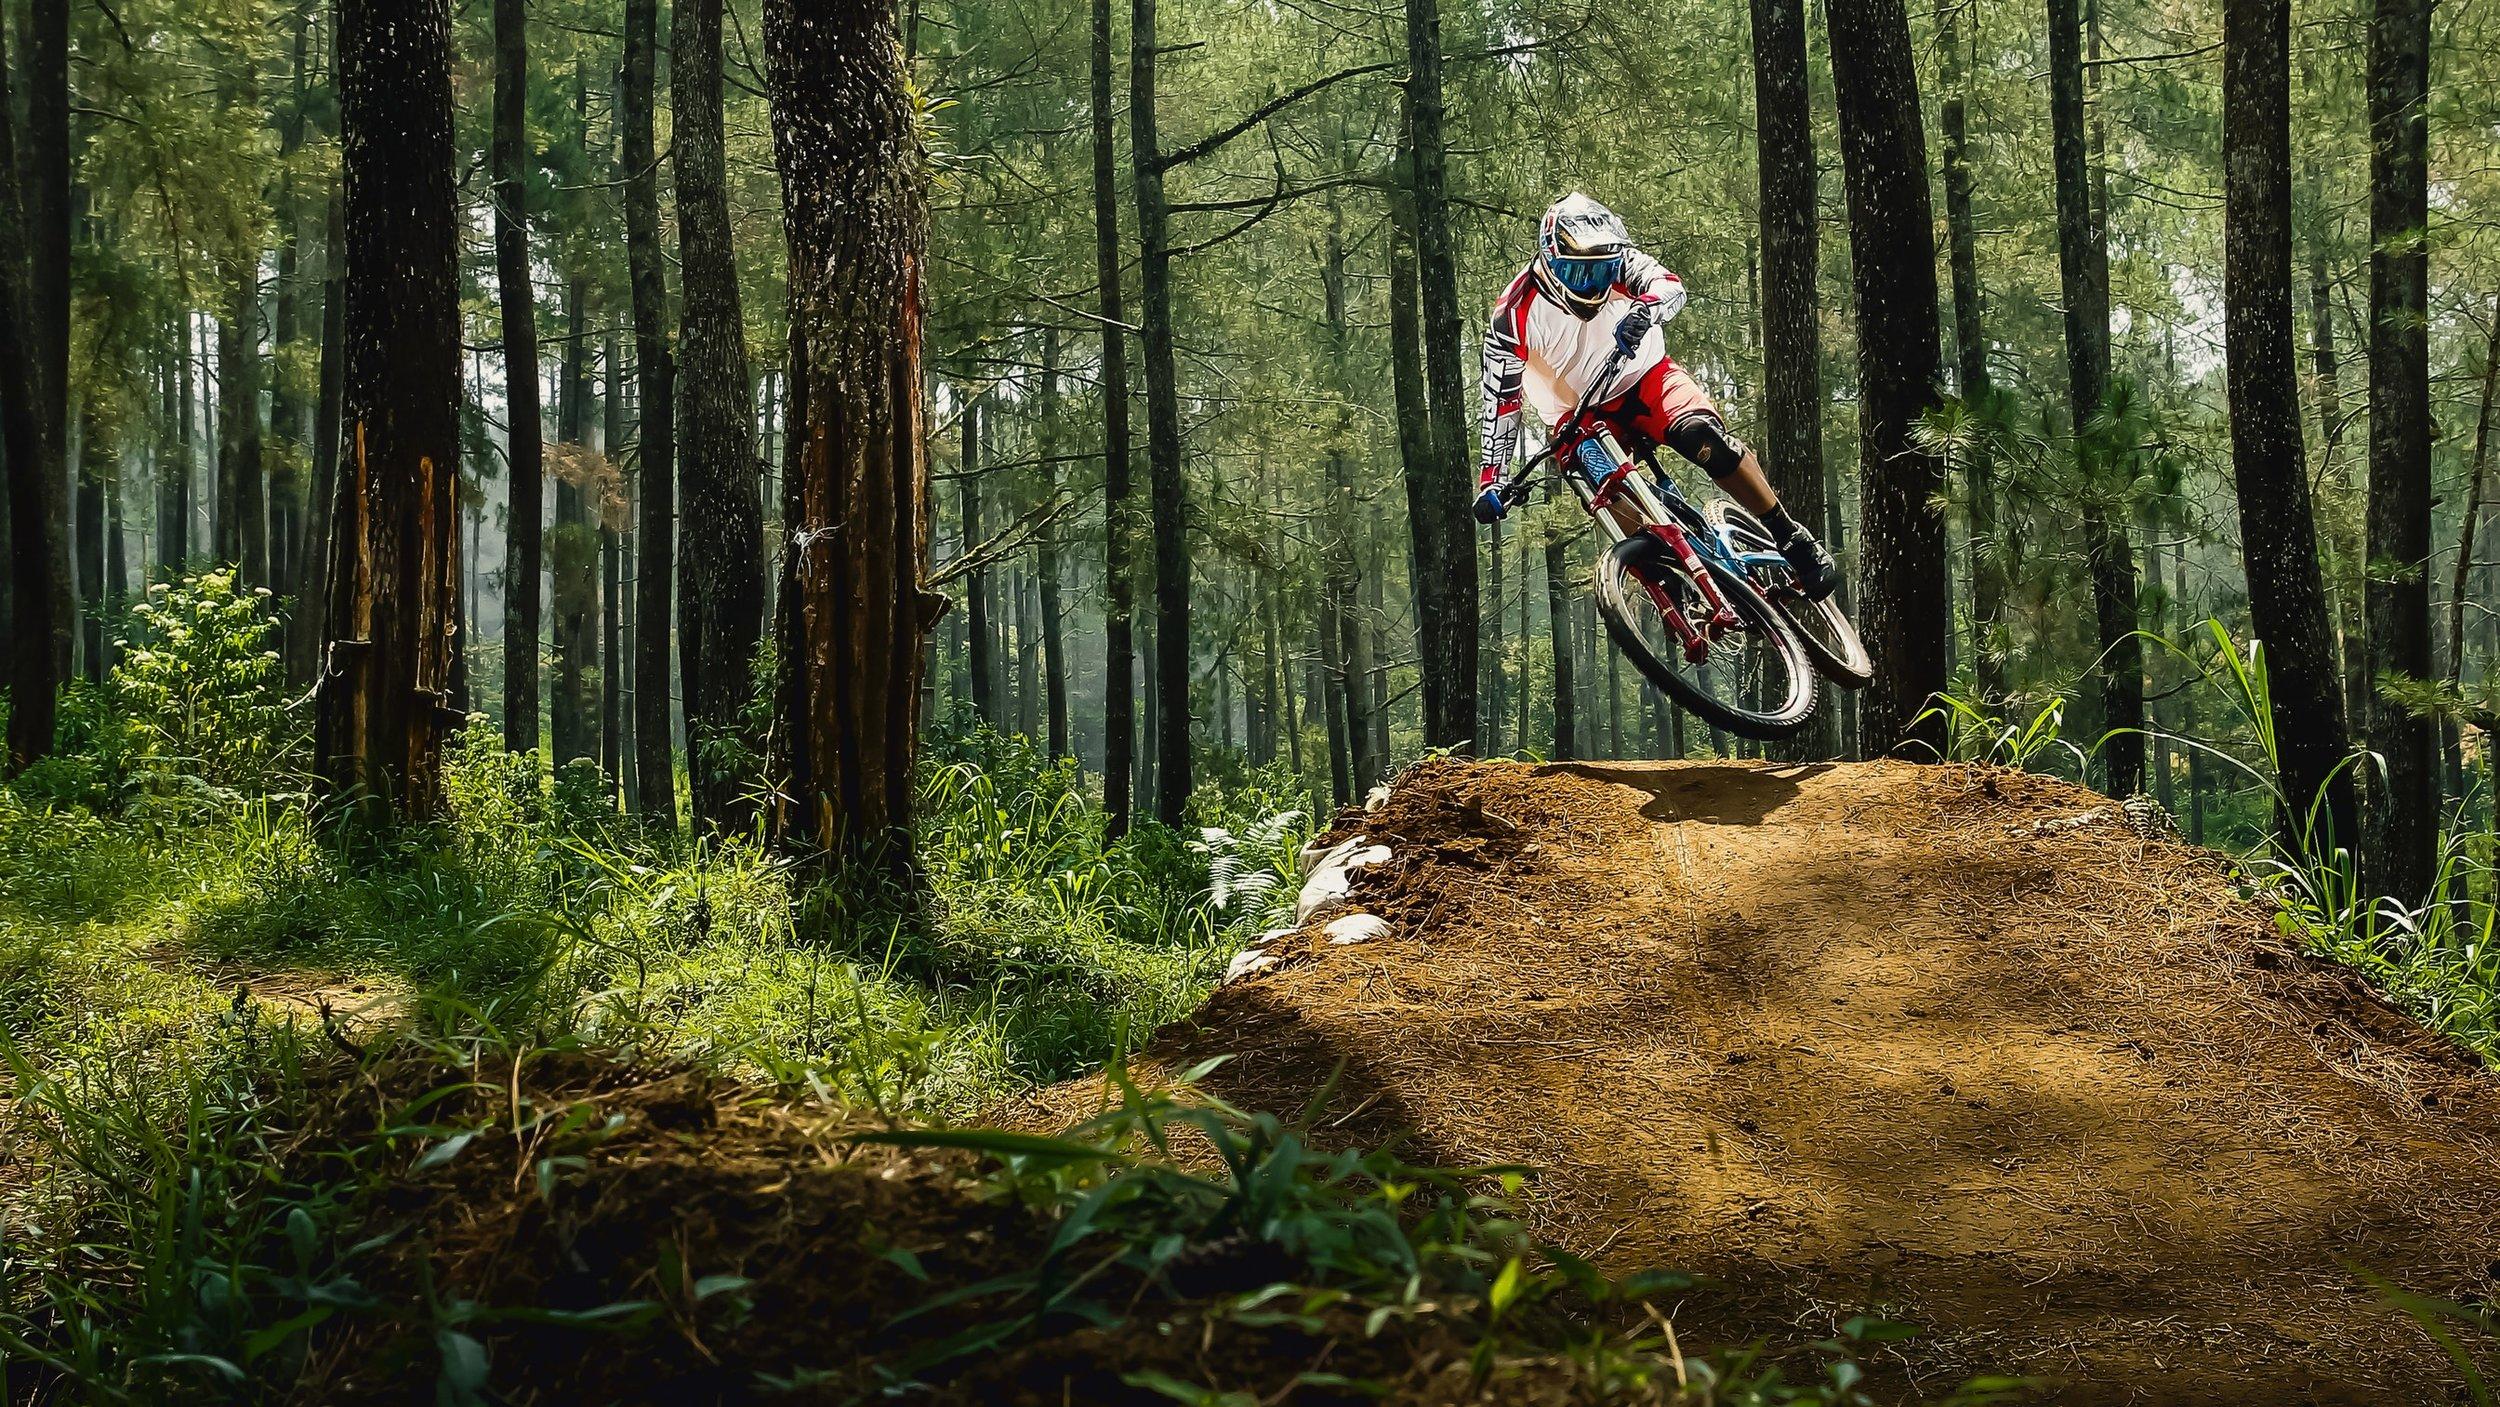 Mountain_biker_photo-1506316940527-4d1c138978a0.jpg